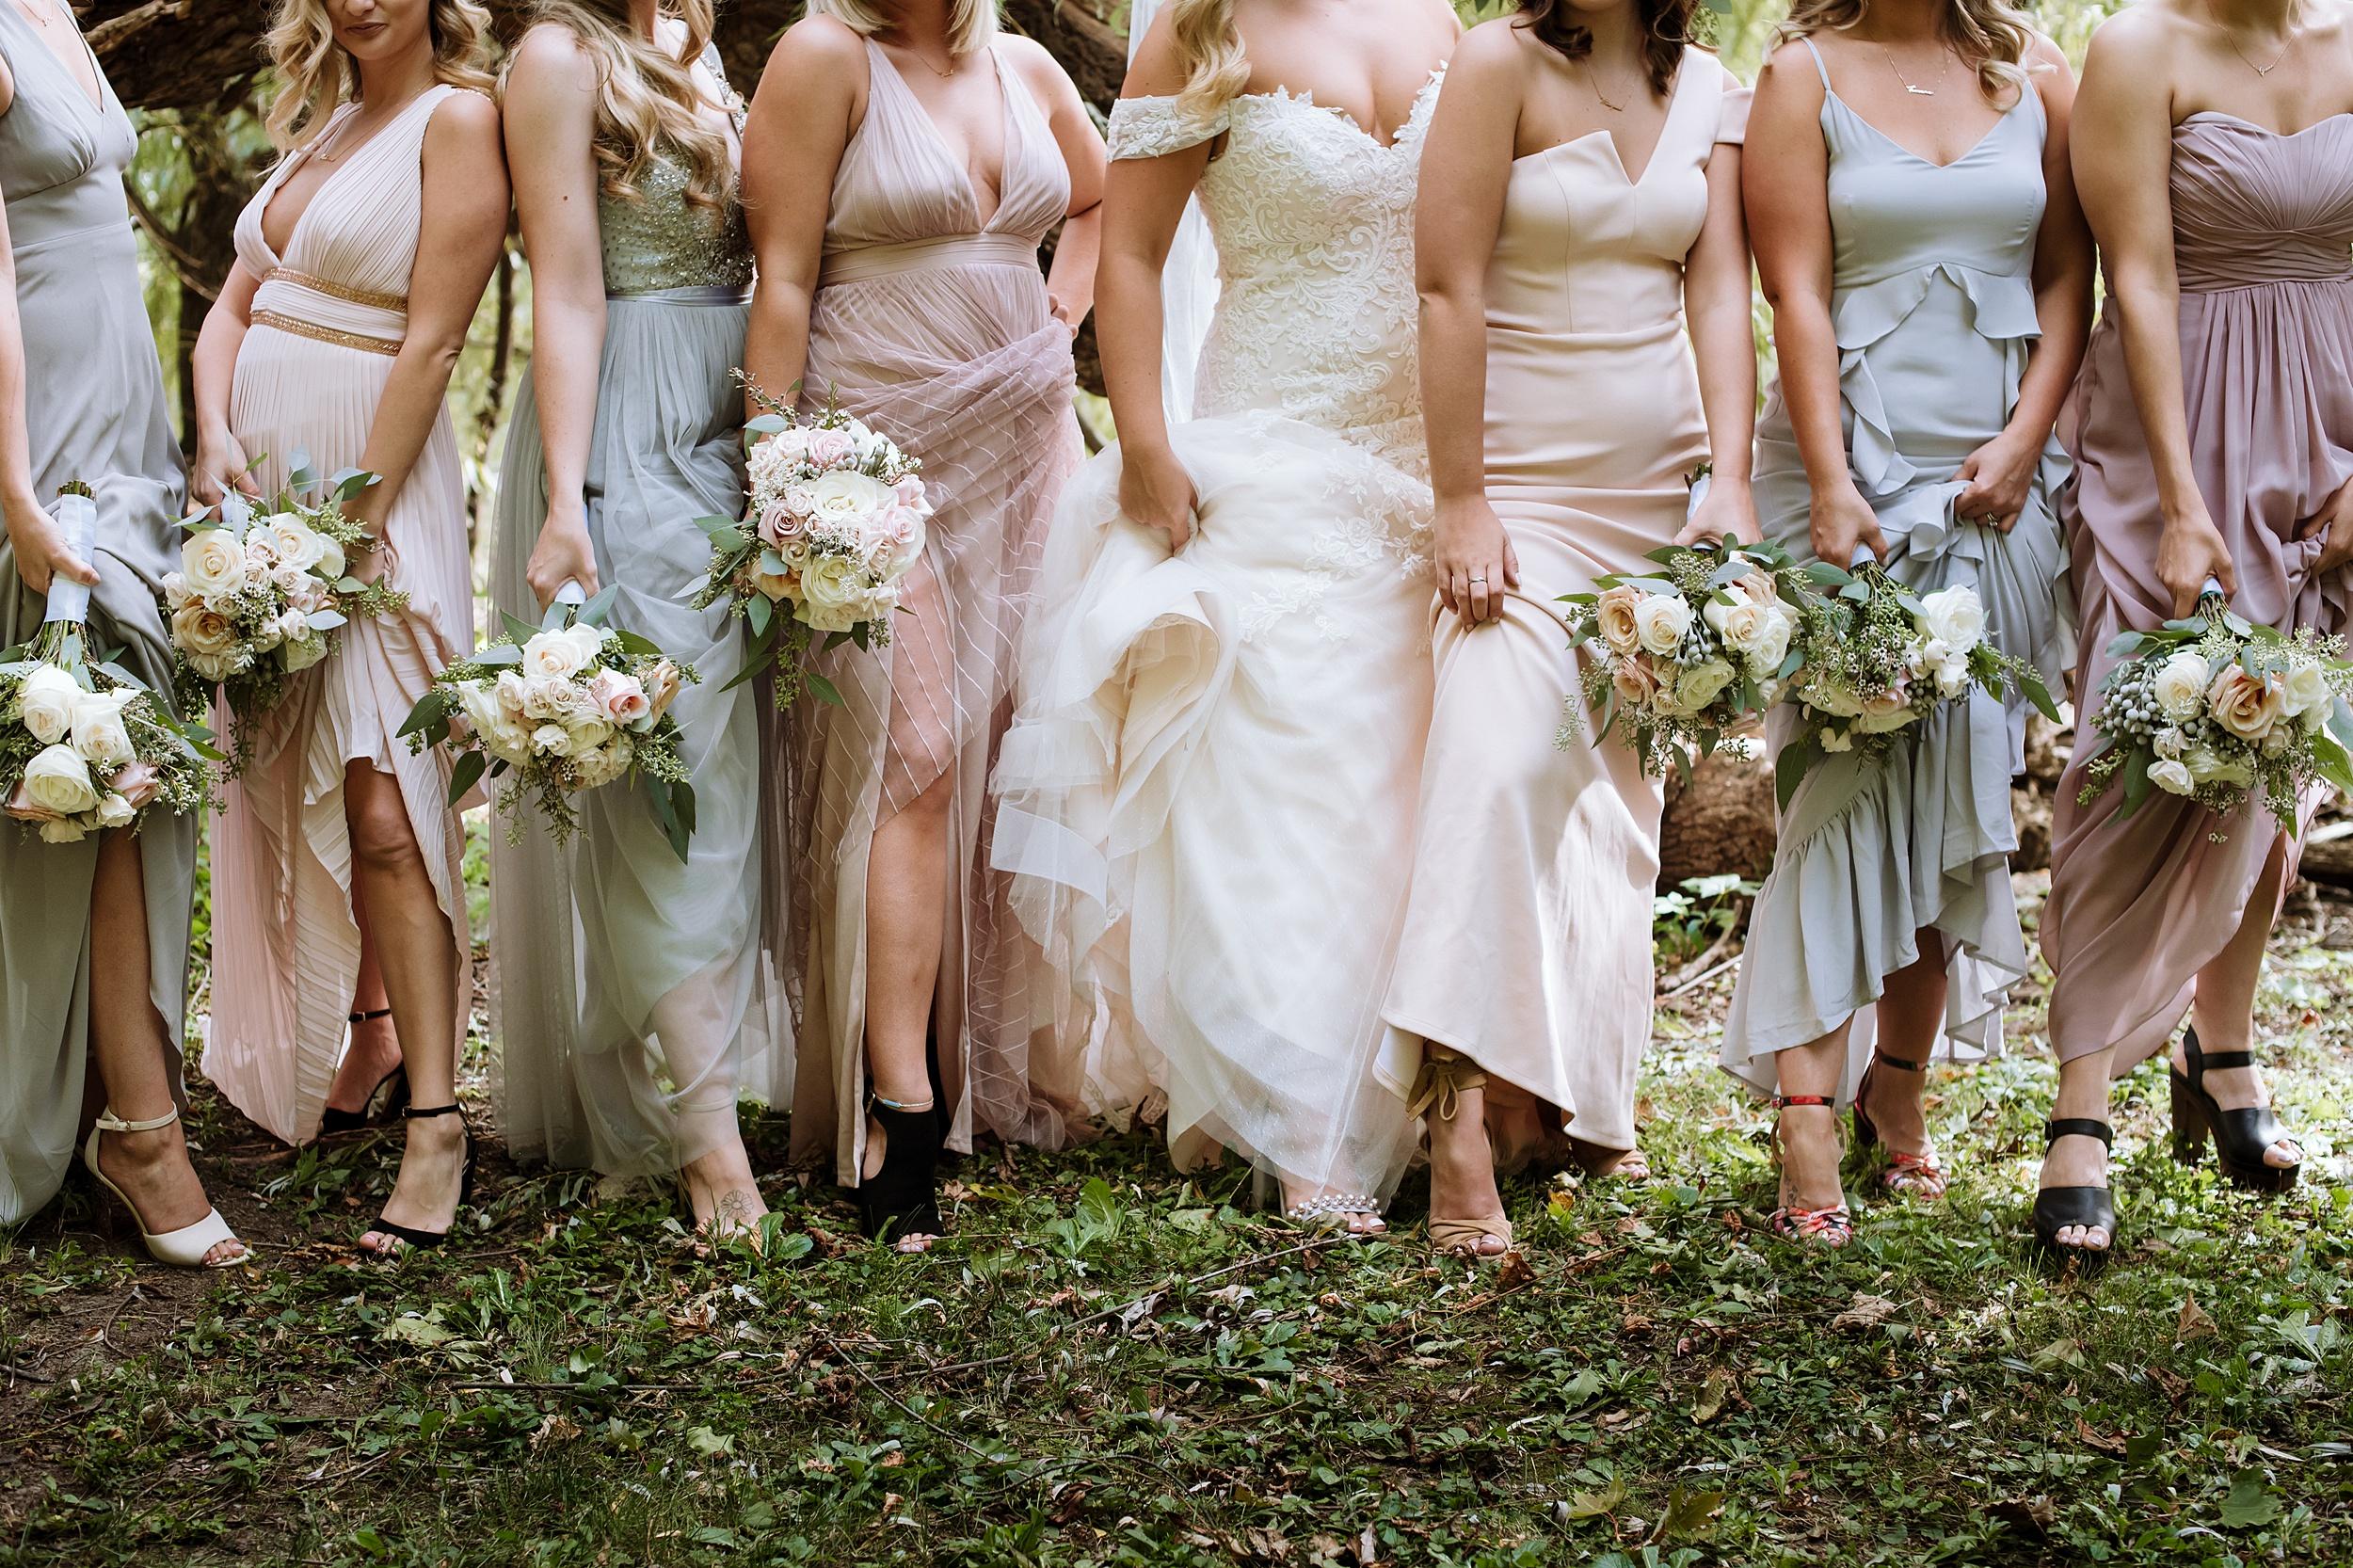 Rustic_Backyard_Wedding_Toronto_Photographer062.jpg